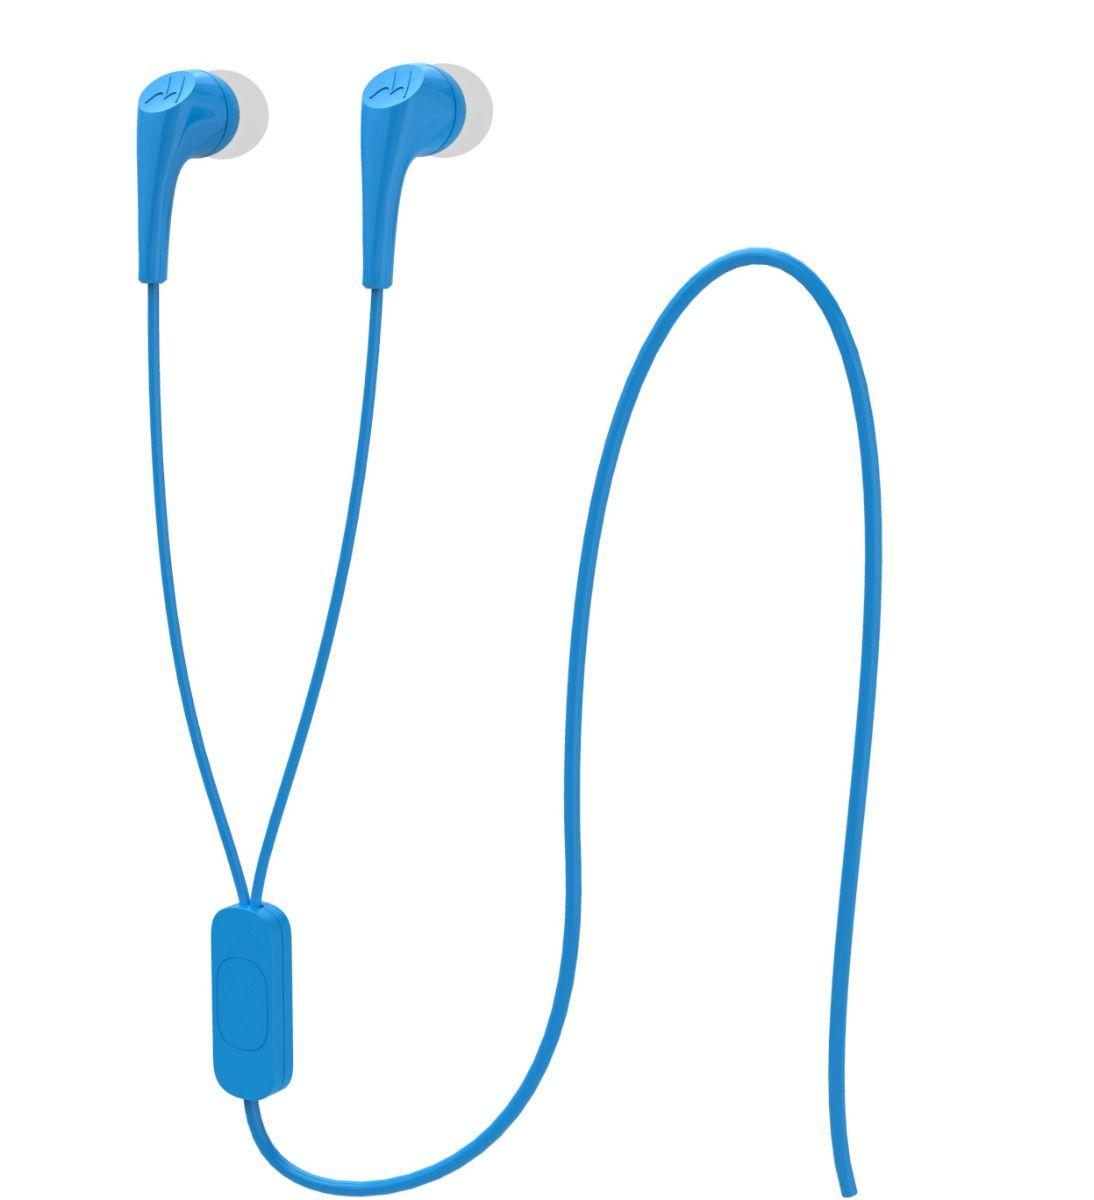 Fone de Ouvido Motorola SH006 Earbuds 2 Azul